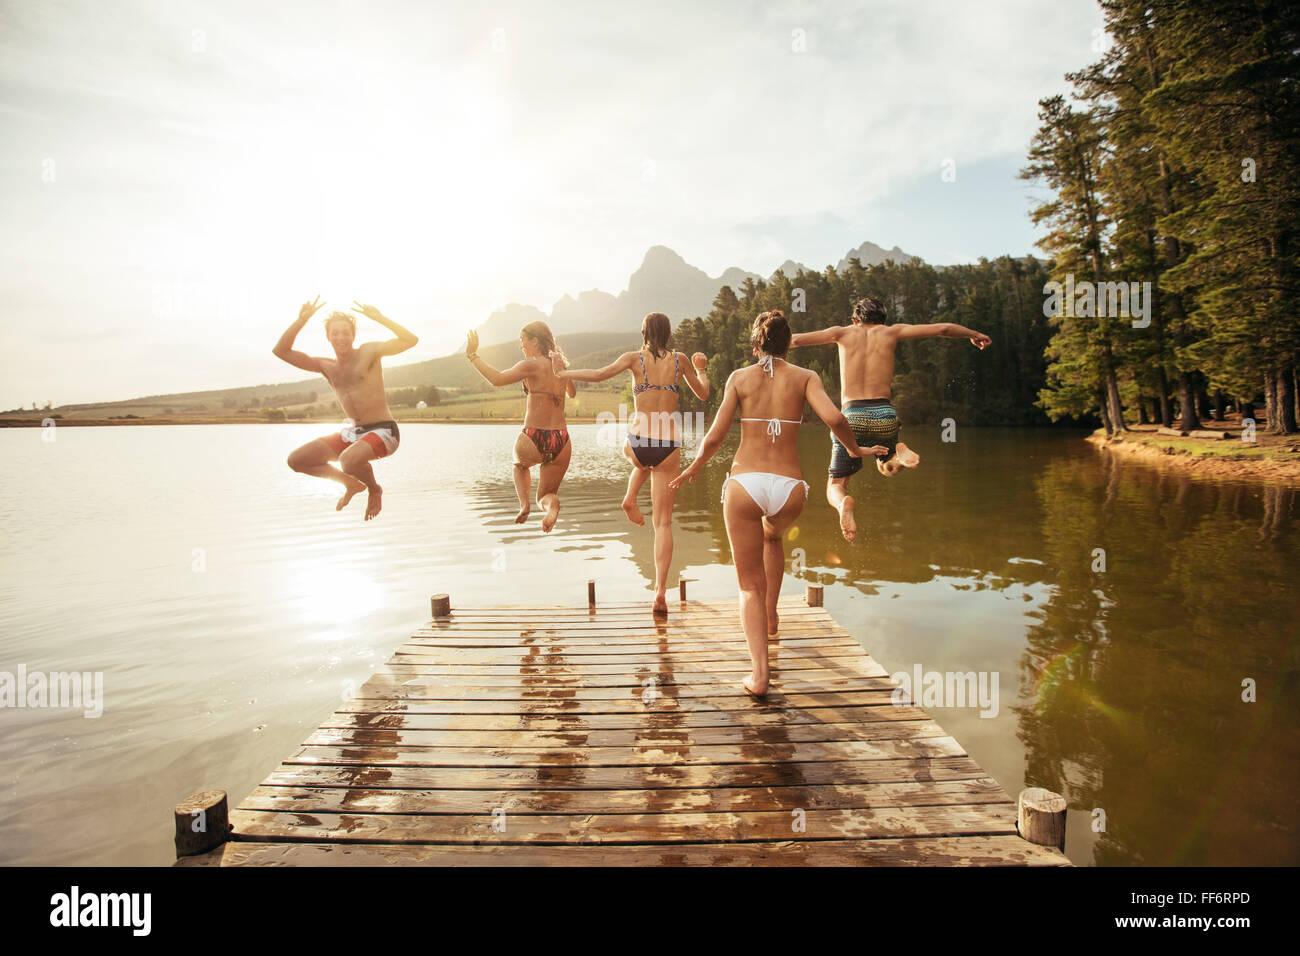 Rückseite Blick Porträt von jungen Freunden in einen See springen. Junge Menschen laufen und springen Stockbild